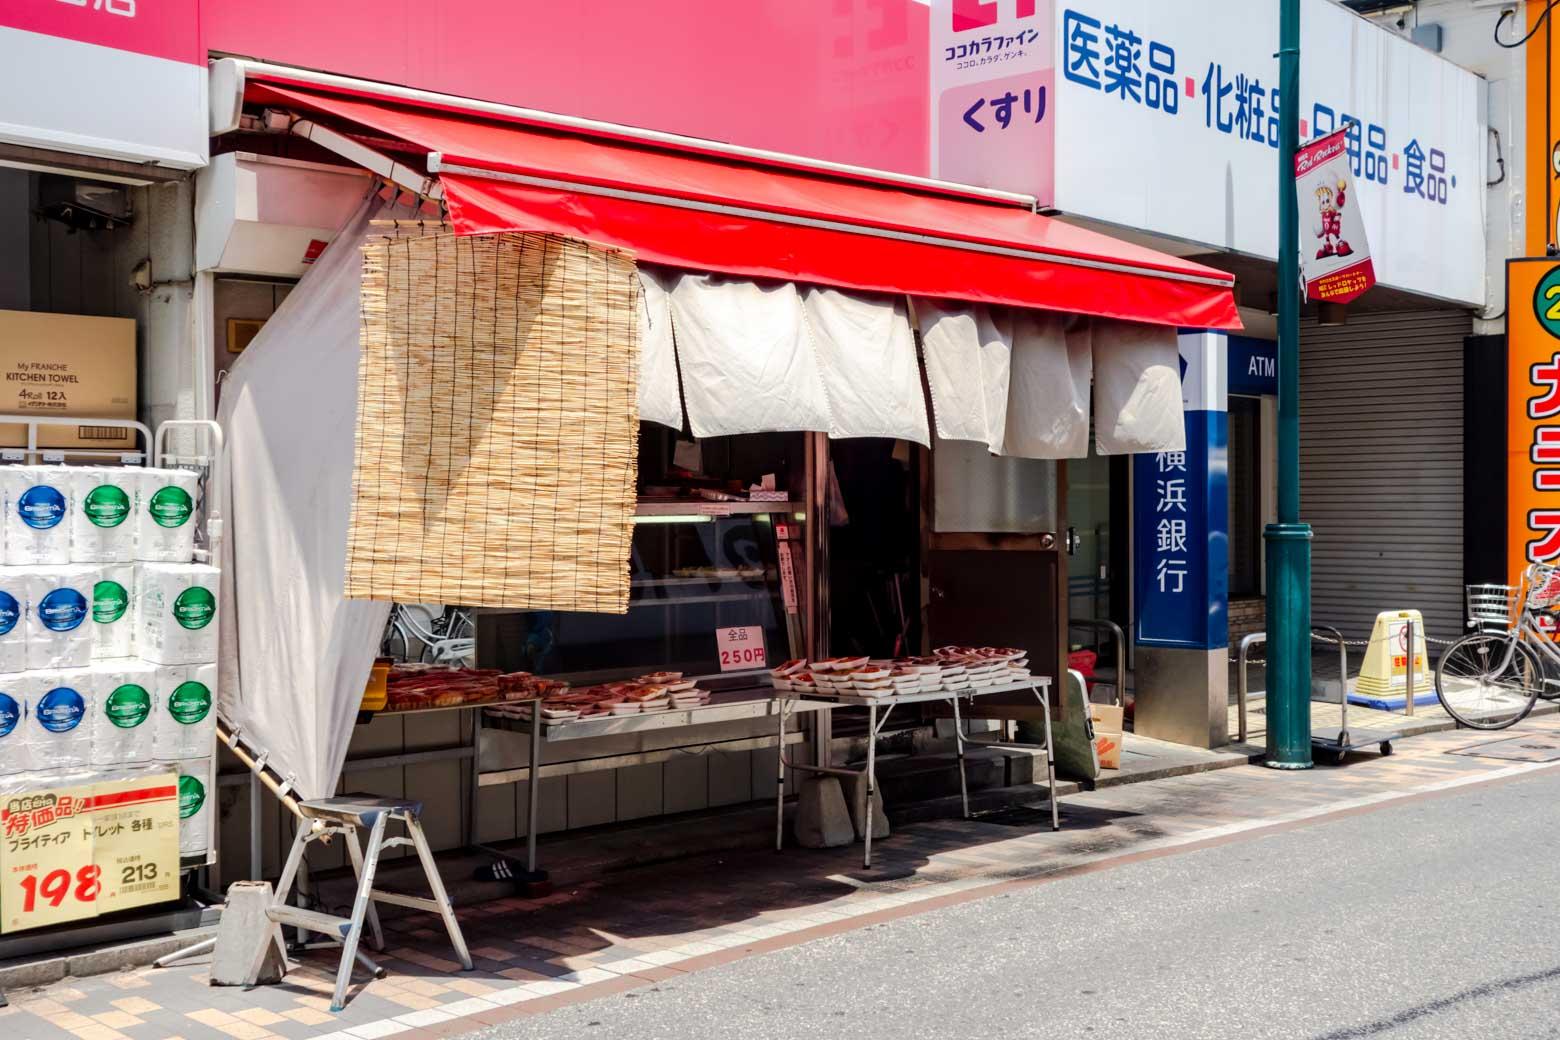 ドラッグストアの店頭にレトロな惣菜屋が。よく考えたらなかなか不思議な組み合わせです。